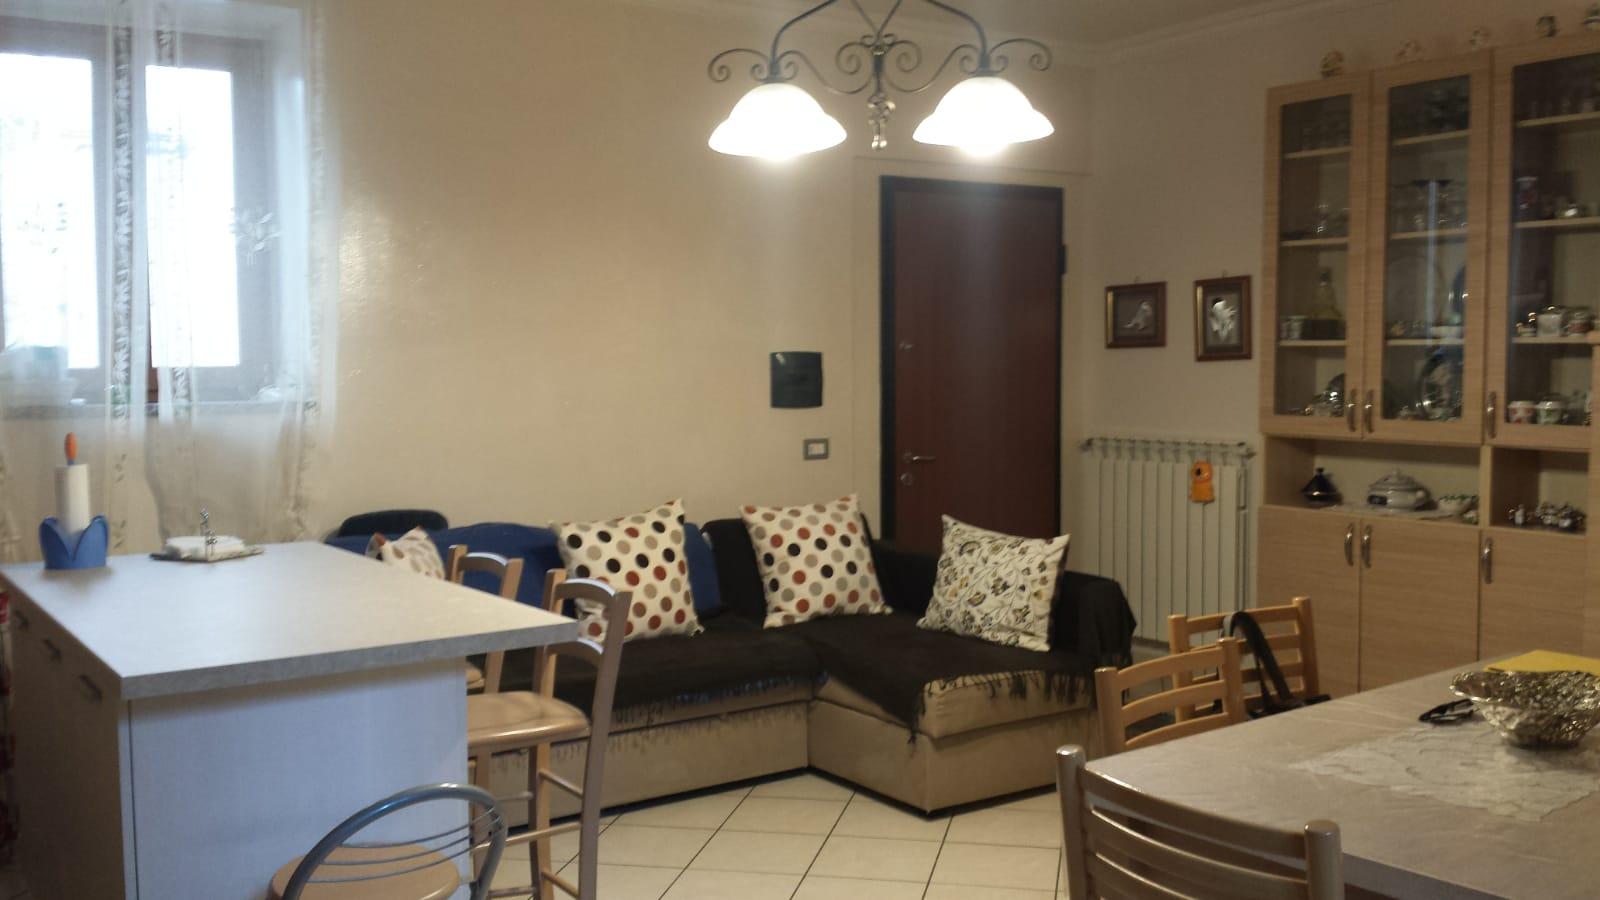 Montoro (AV) Appartamento semindipendente con box auto a Montoro